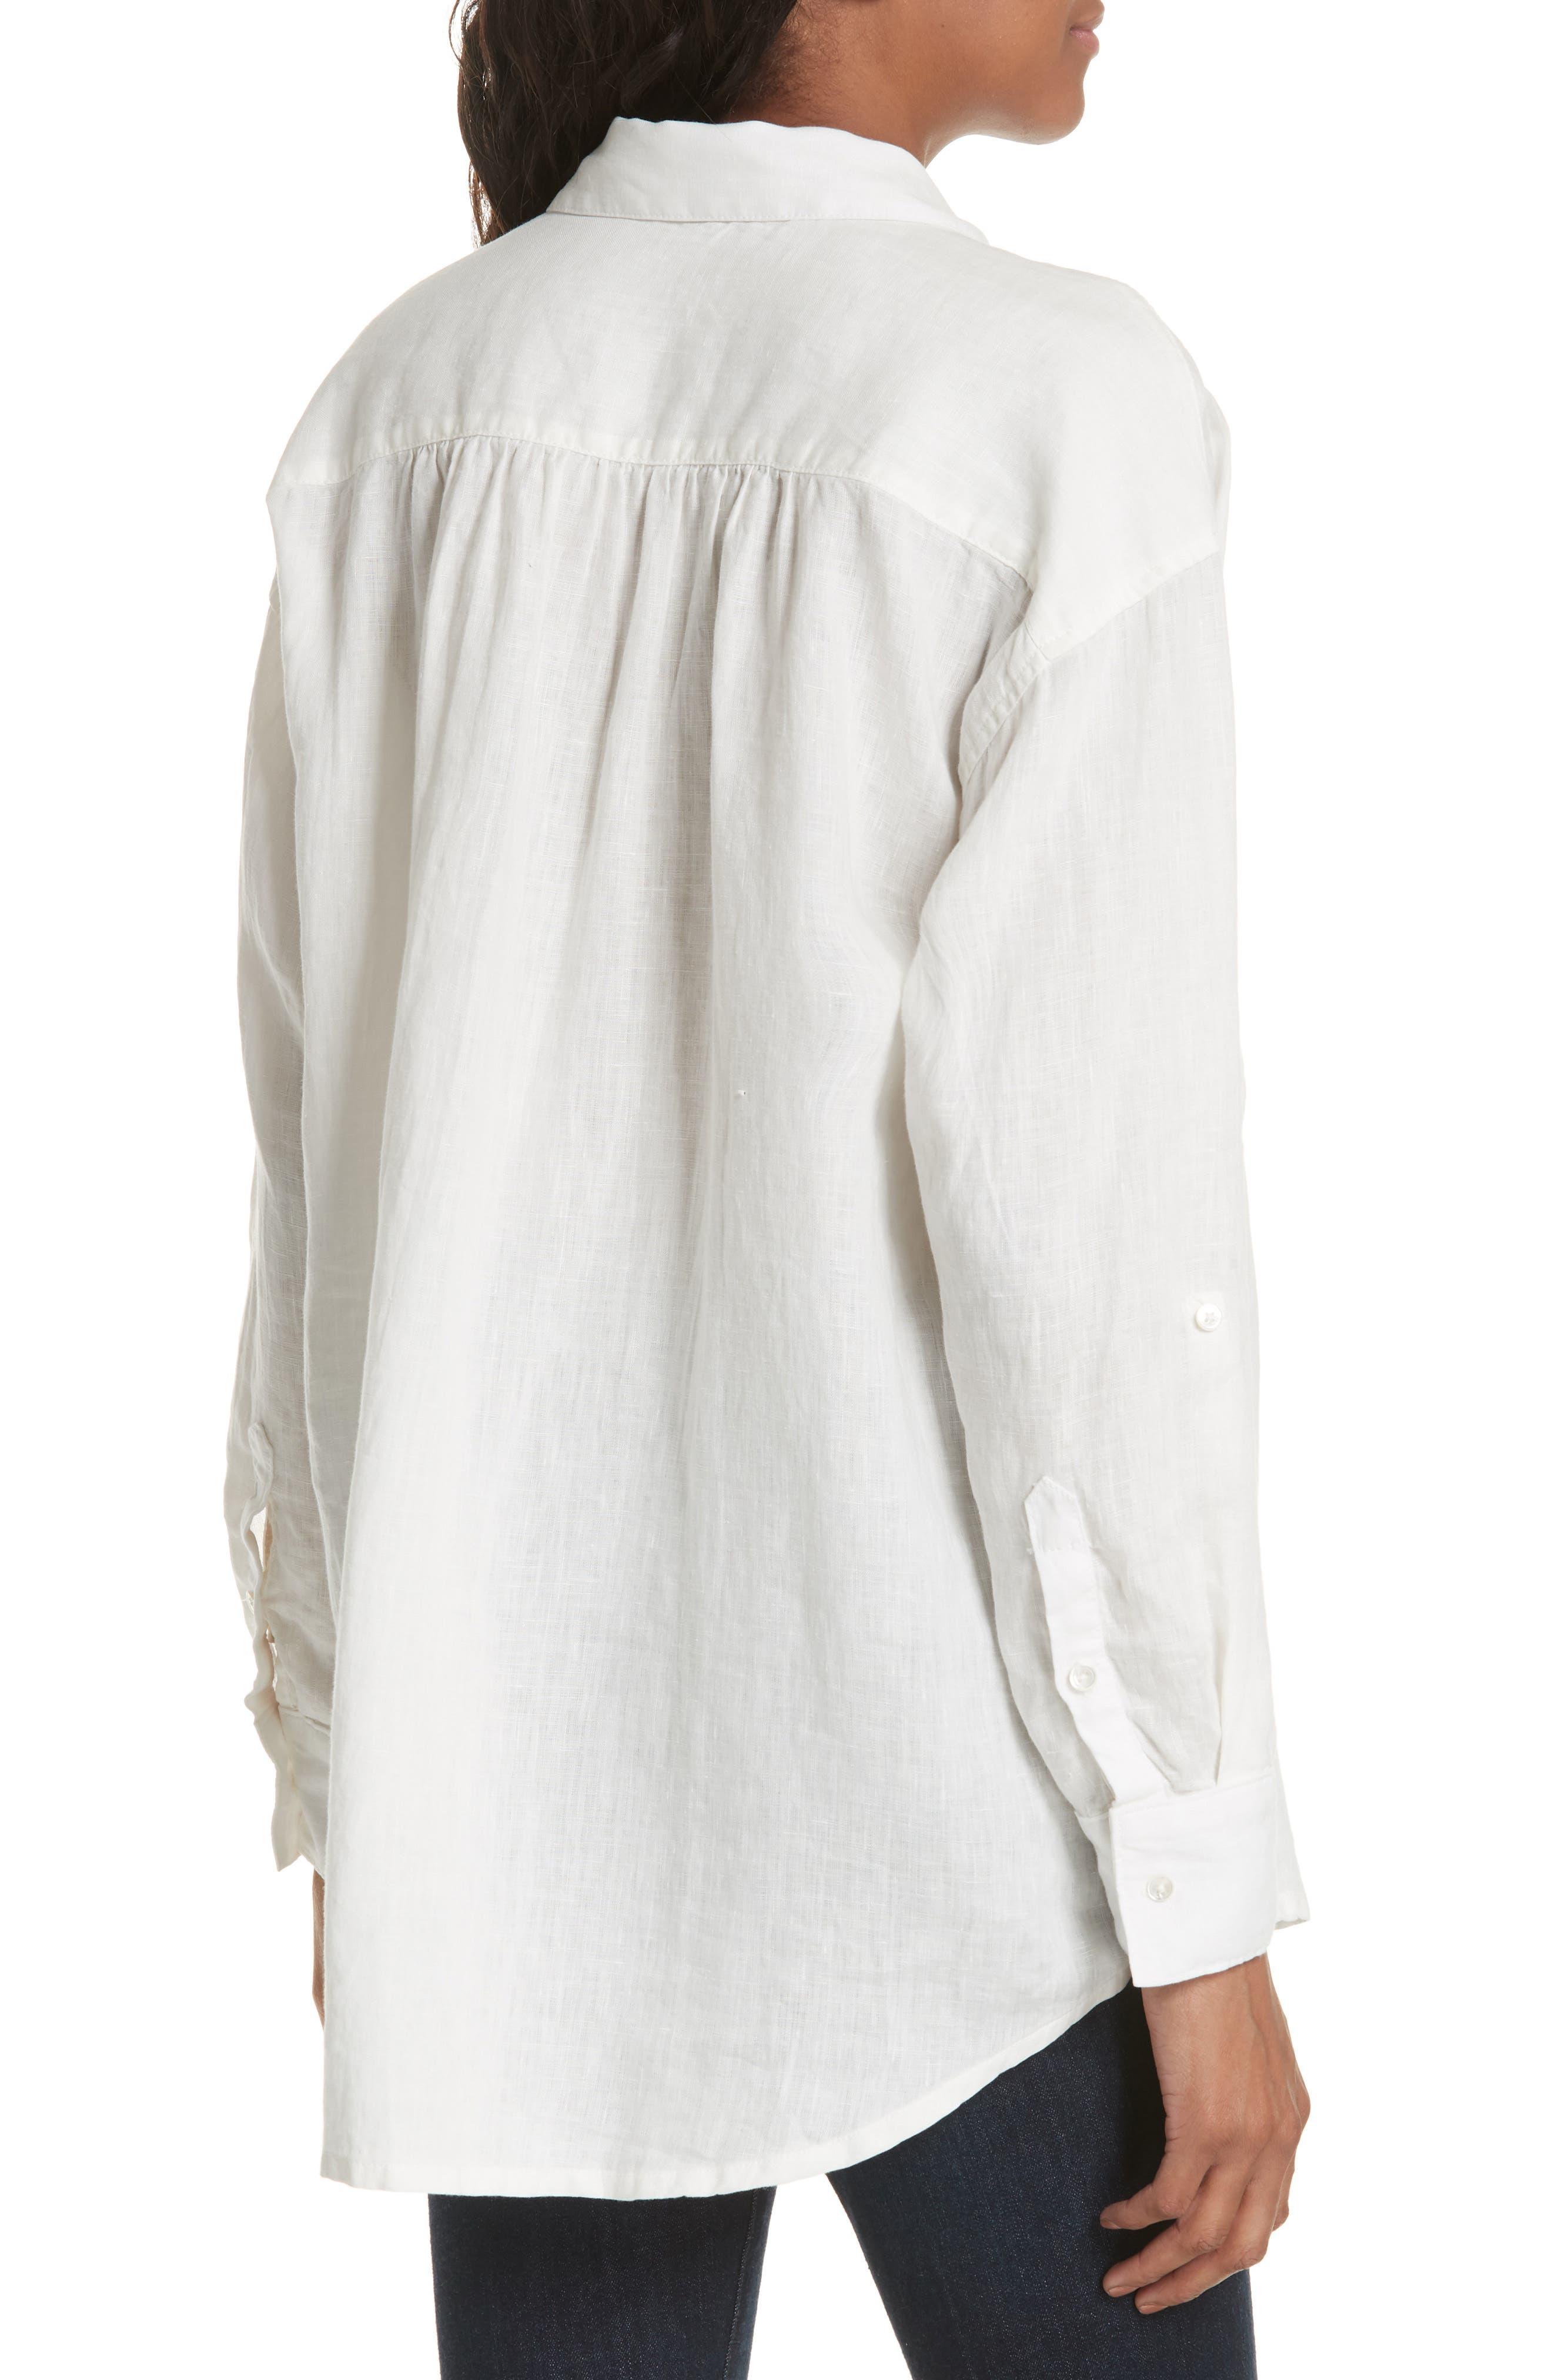 Lidelle Button Tab Linen Blouse,                             Alternate thumbnail 2, color,                             120